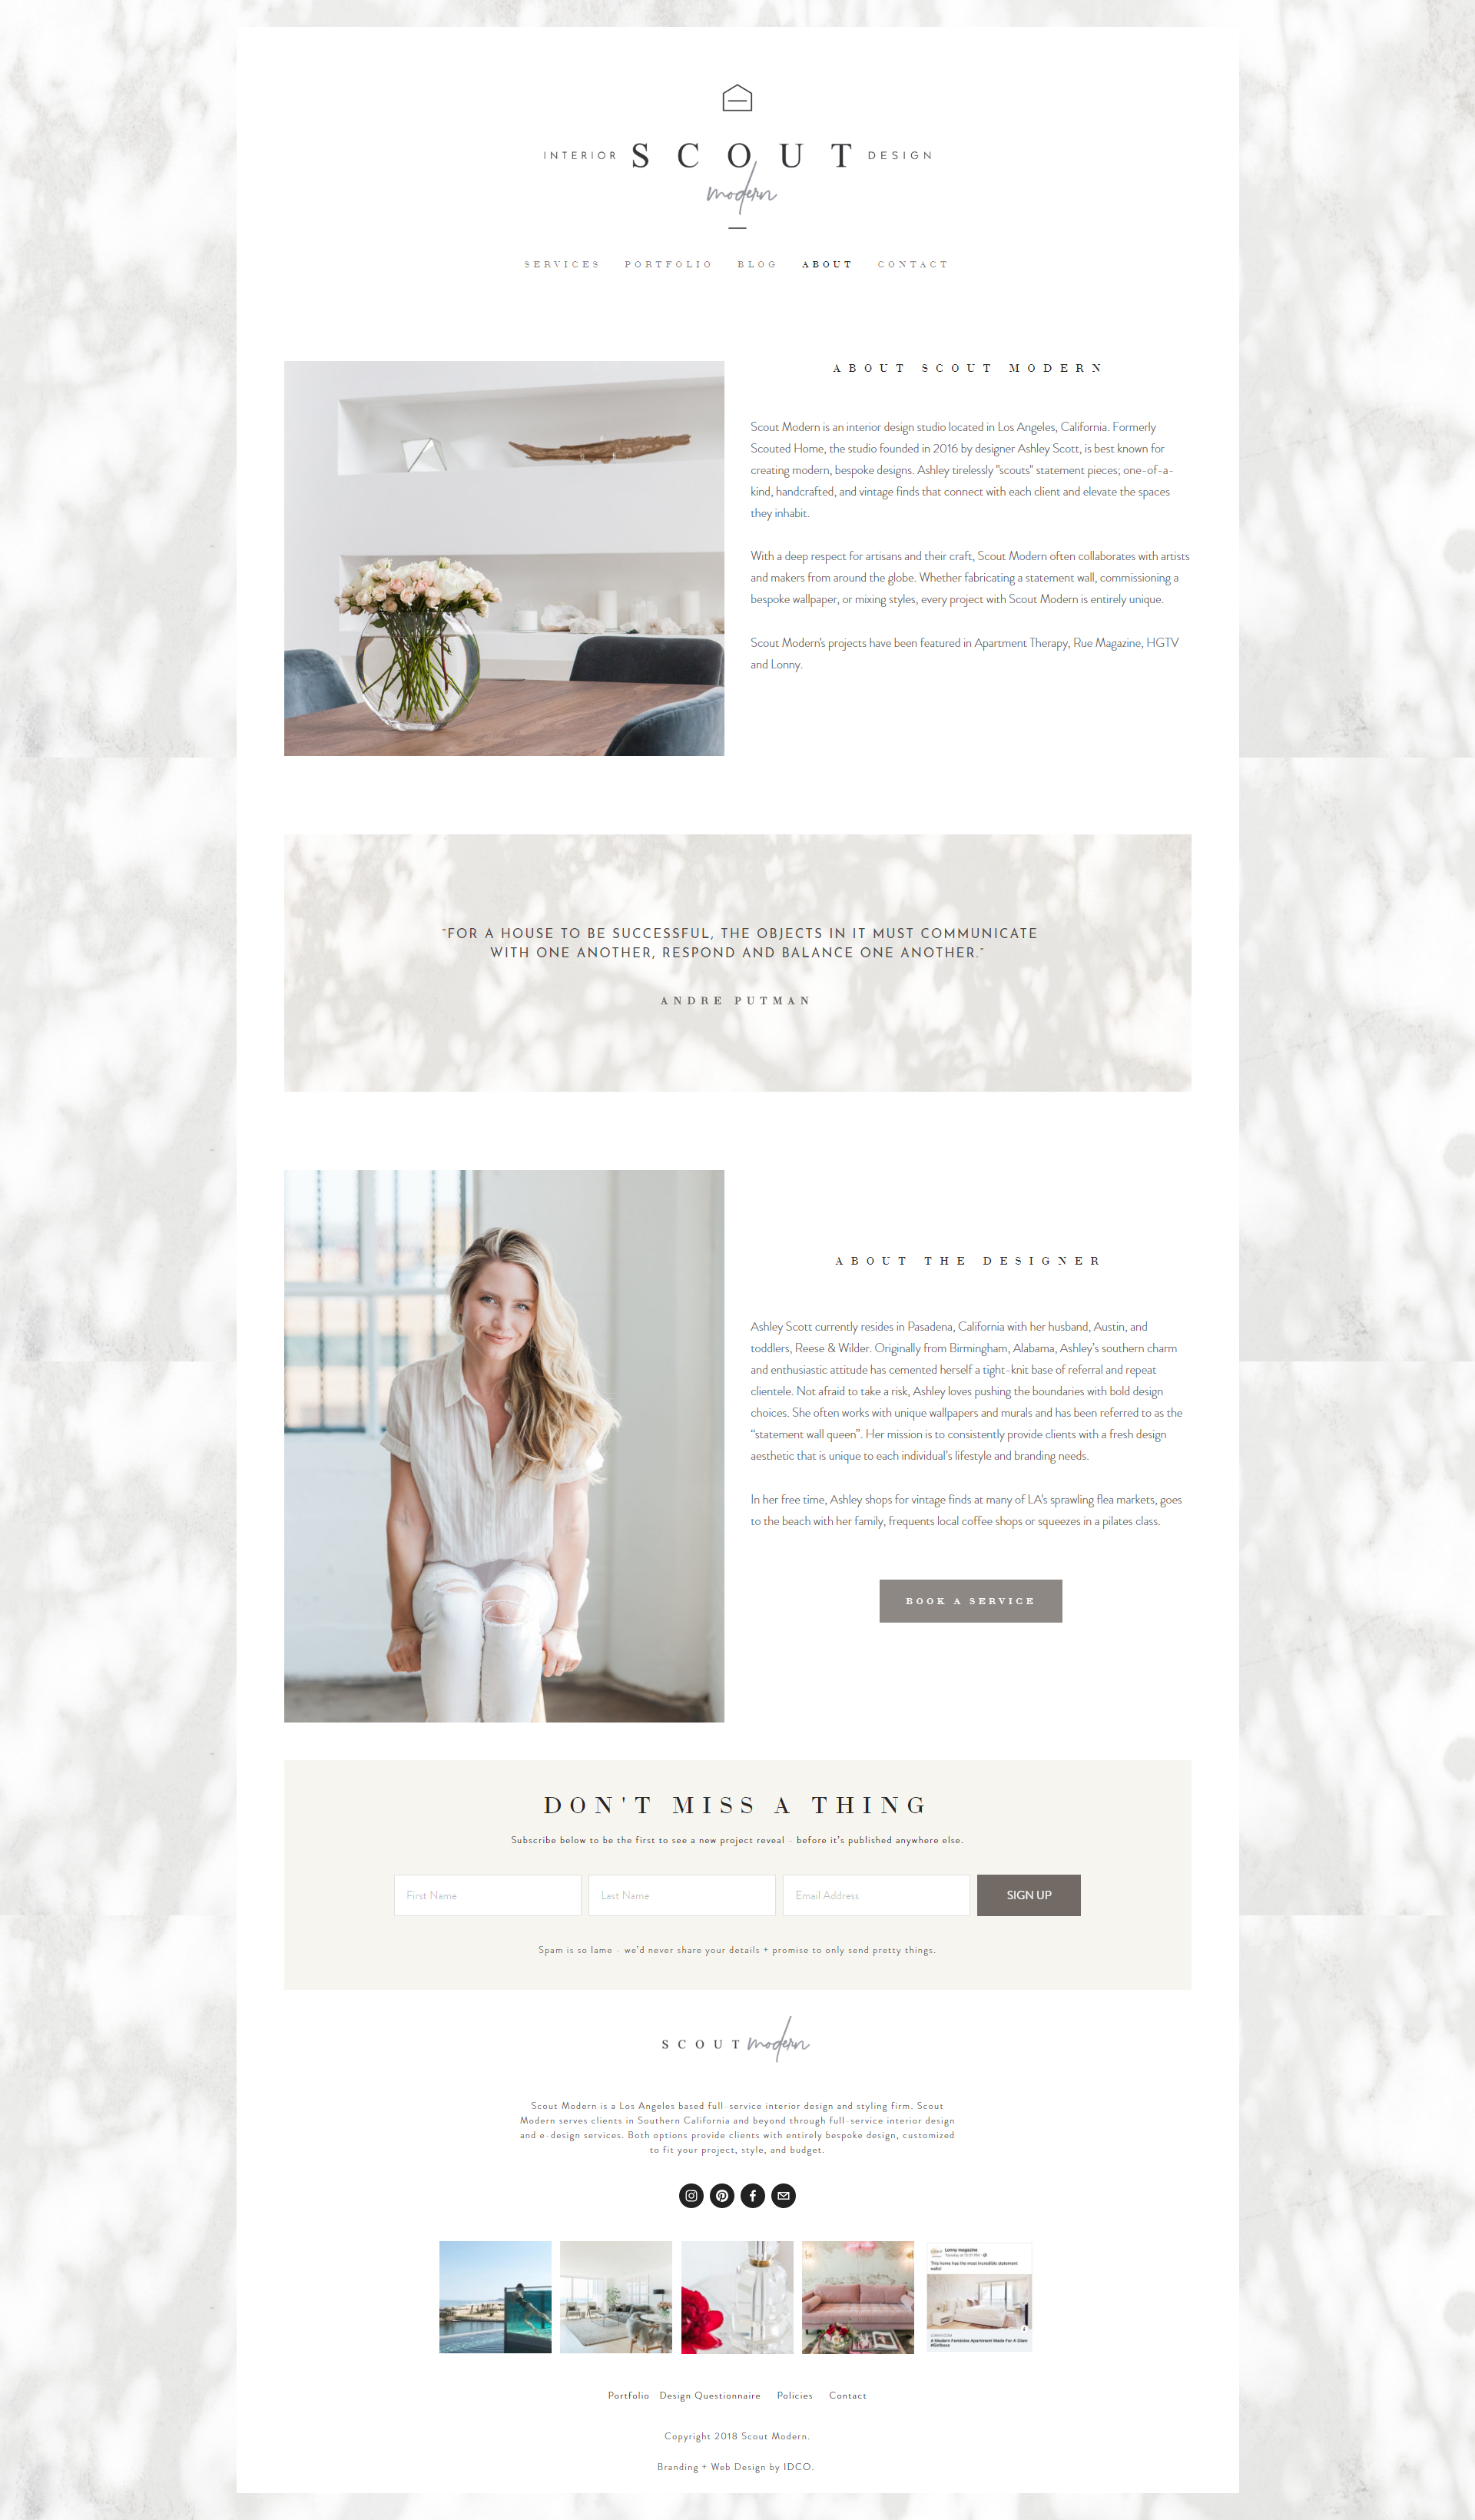 The Identite Collective Branding Web Design And Content Creation For Interior Designe Interior Design Website Portfolio Website Design Modern Website Design